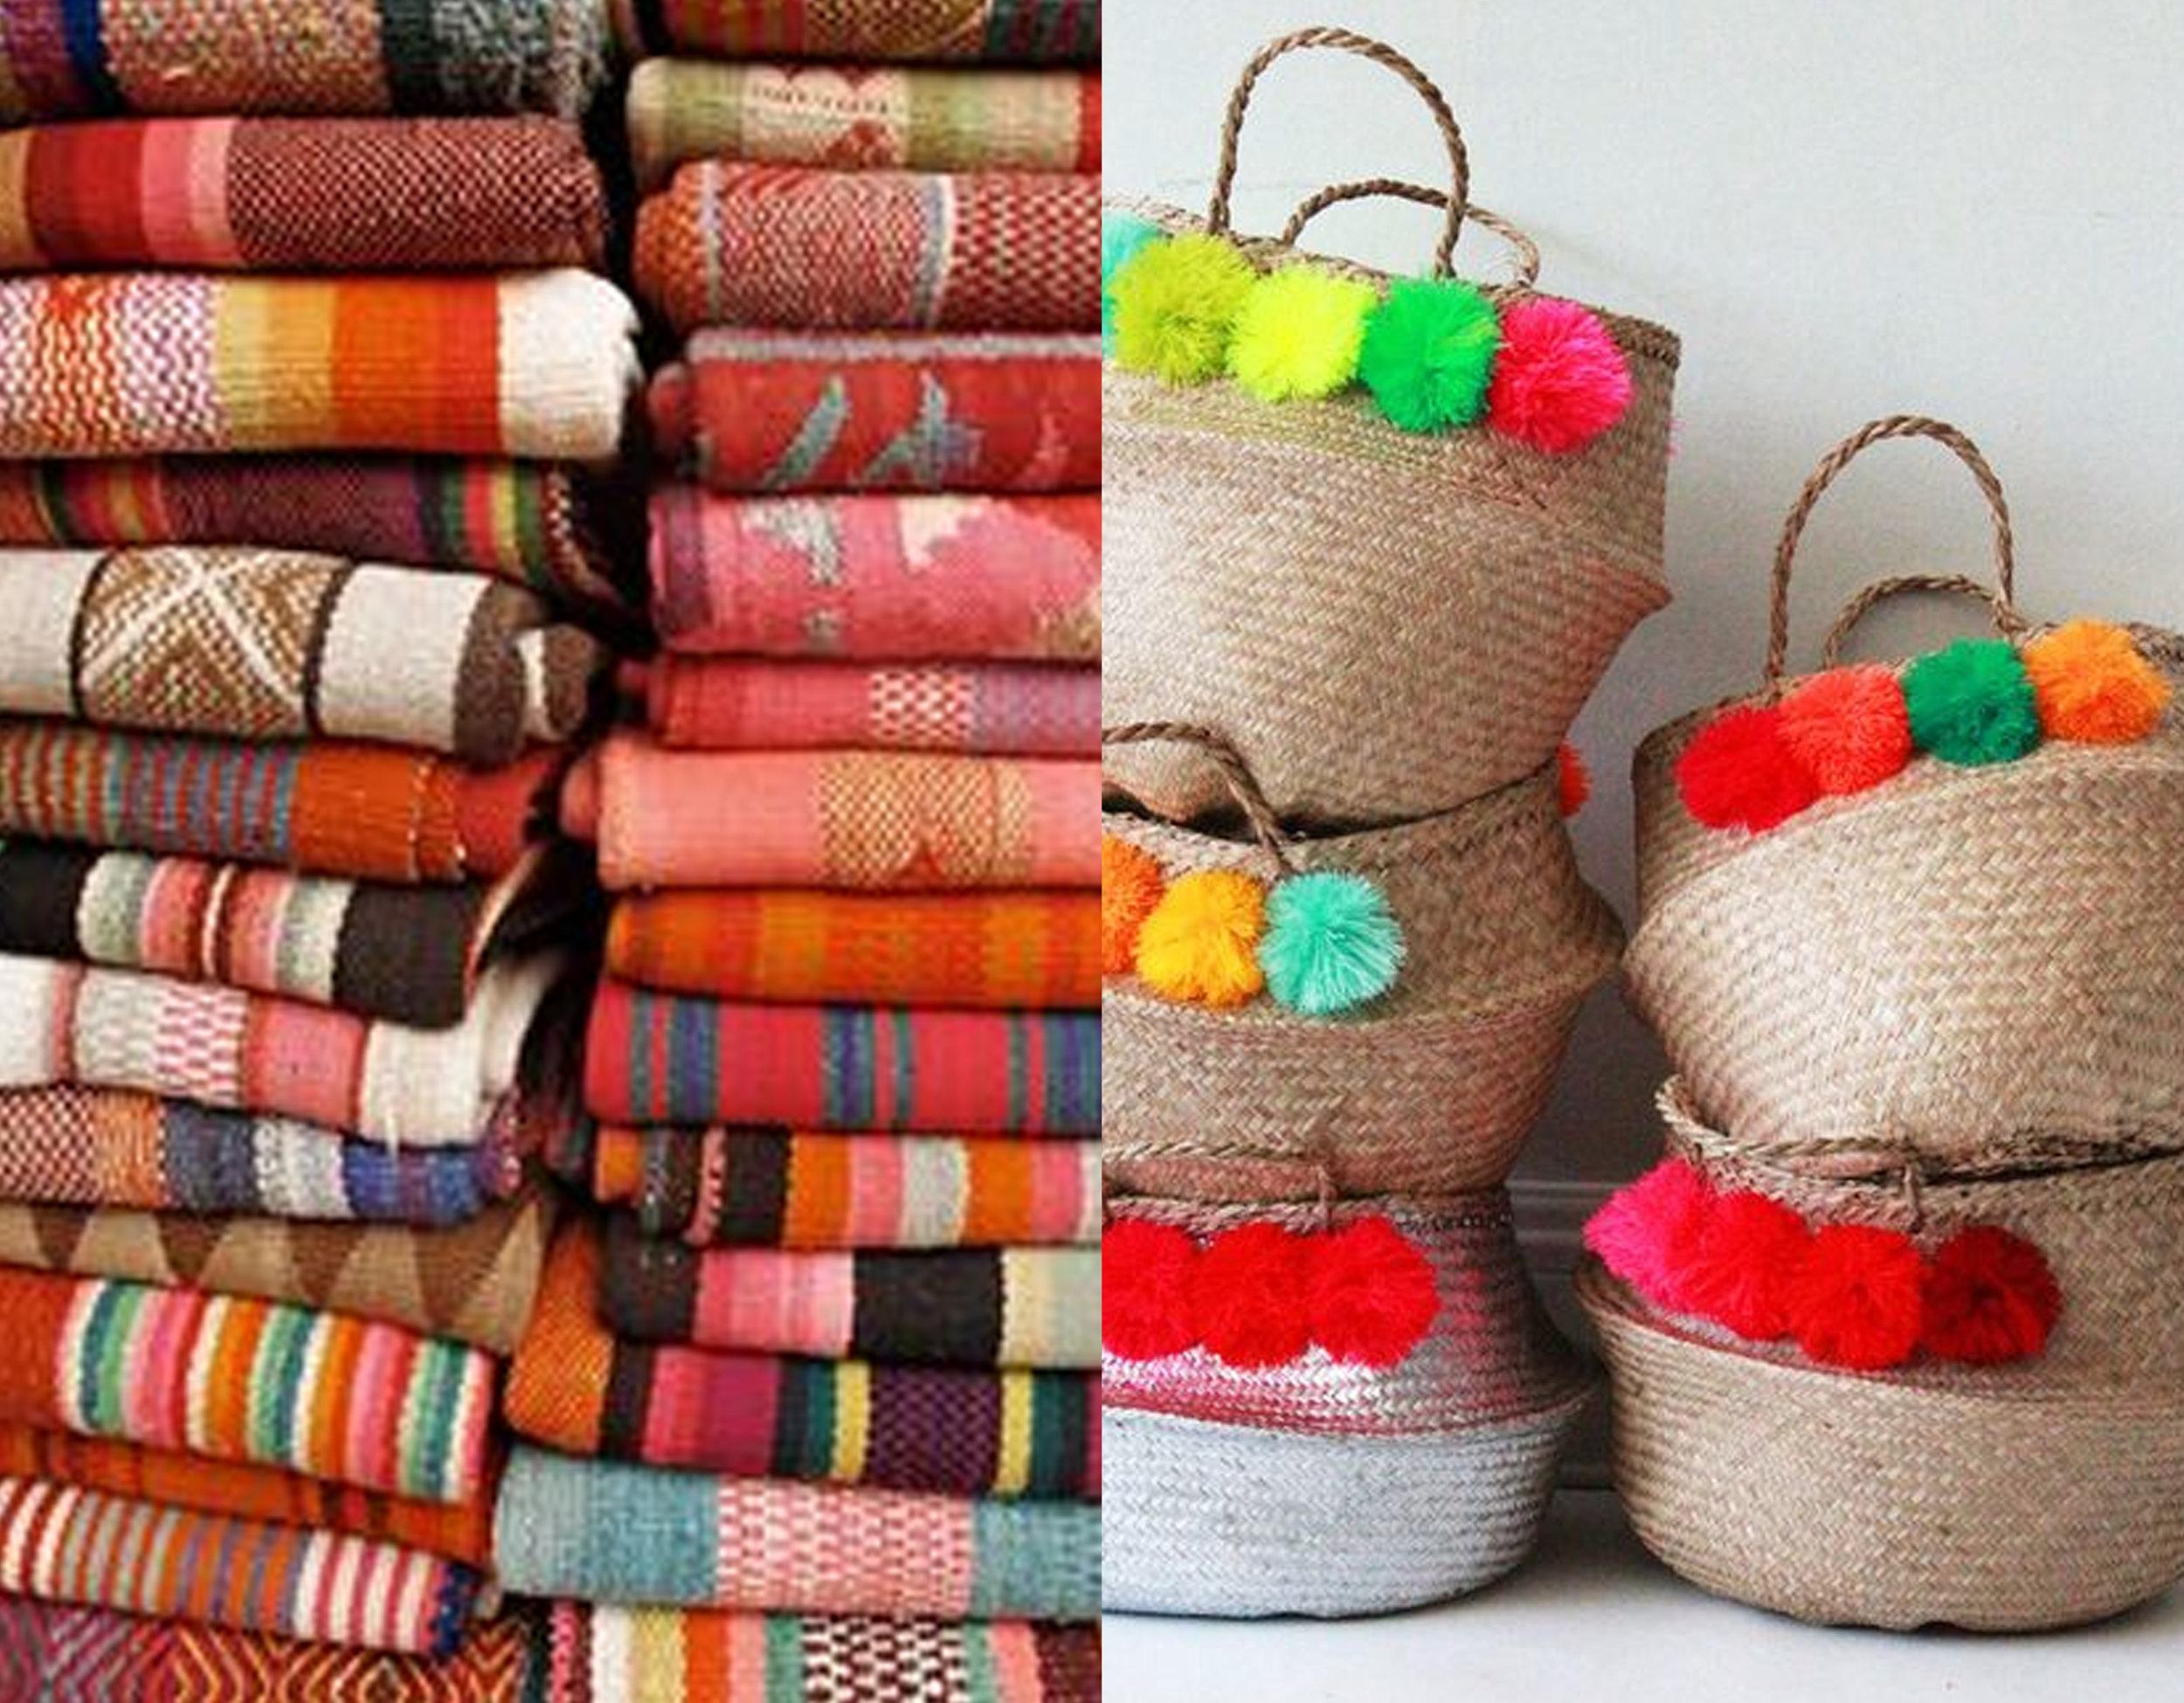 rugs via  Hippie Hippie Chic  - pom pom baskets via  Blueberry Home